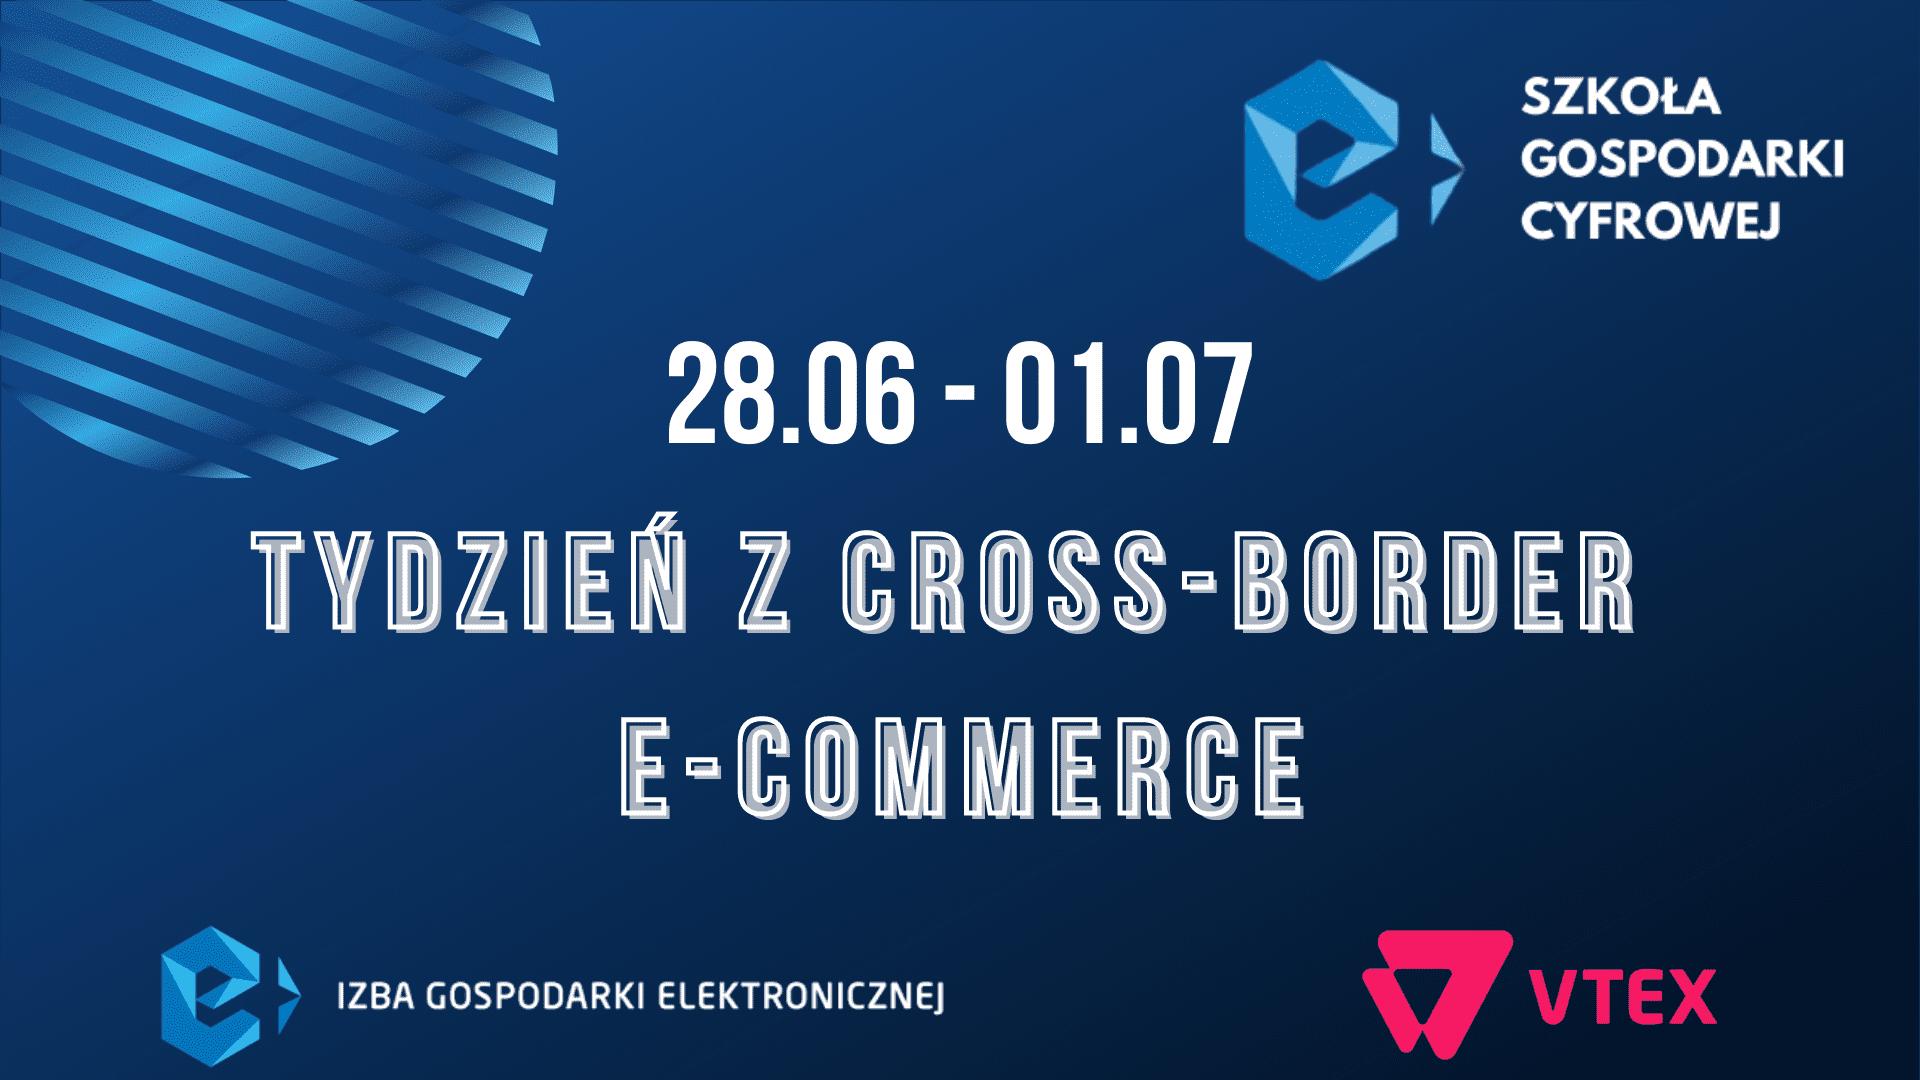 Startuje Tydzień z cross-border e-commerce!